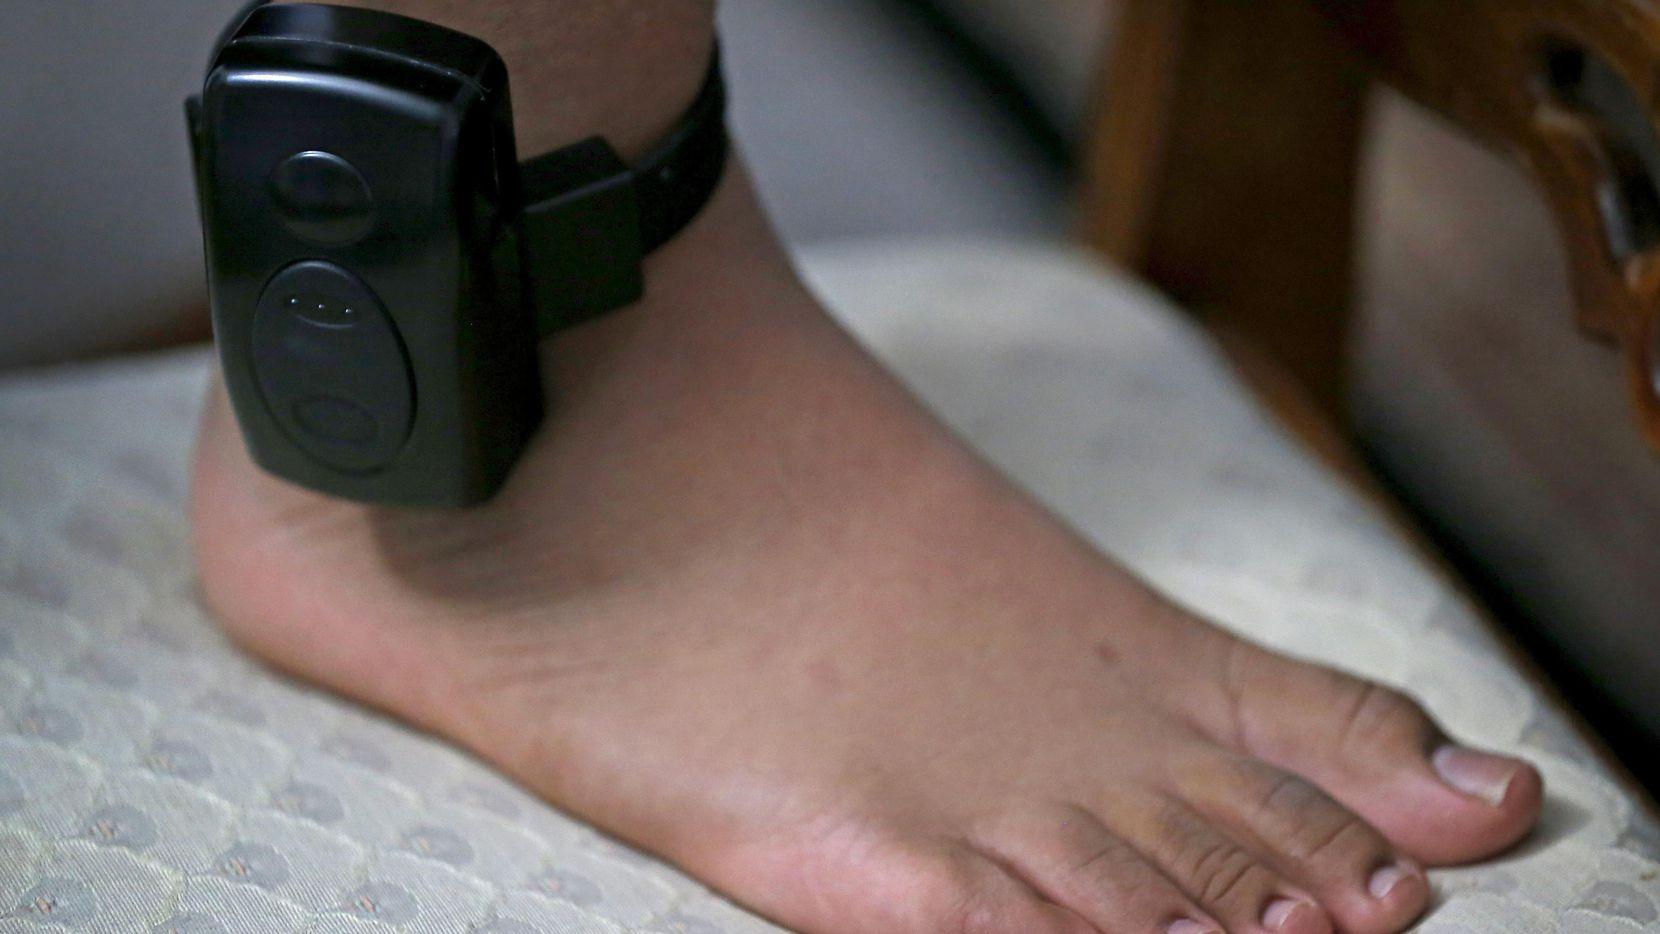 Autoridades de ICE utilizan aparatos de rastreo en algunos inmigrantes que tienen comparecencia ante un juez de inmigración. (DMN/Jae S. Lee)